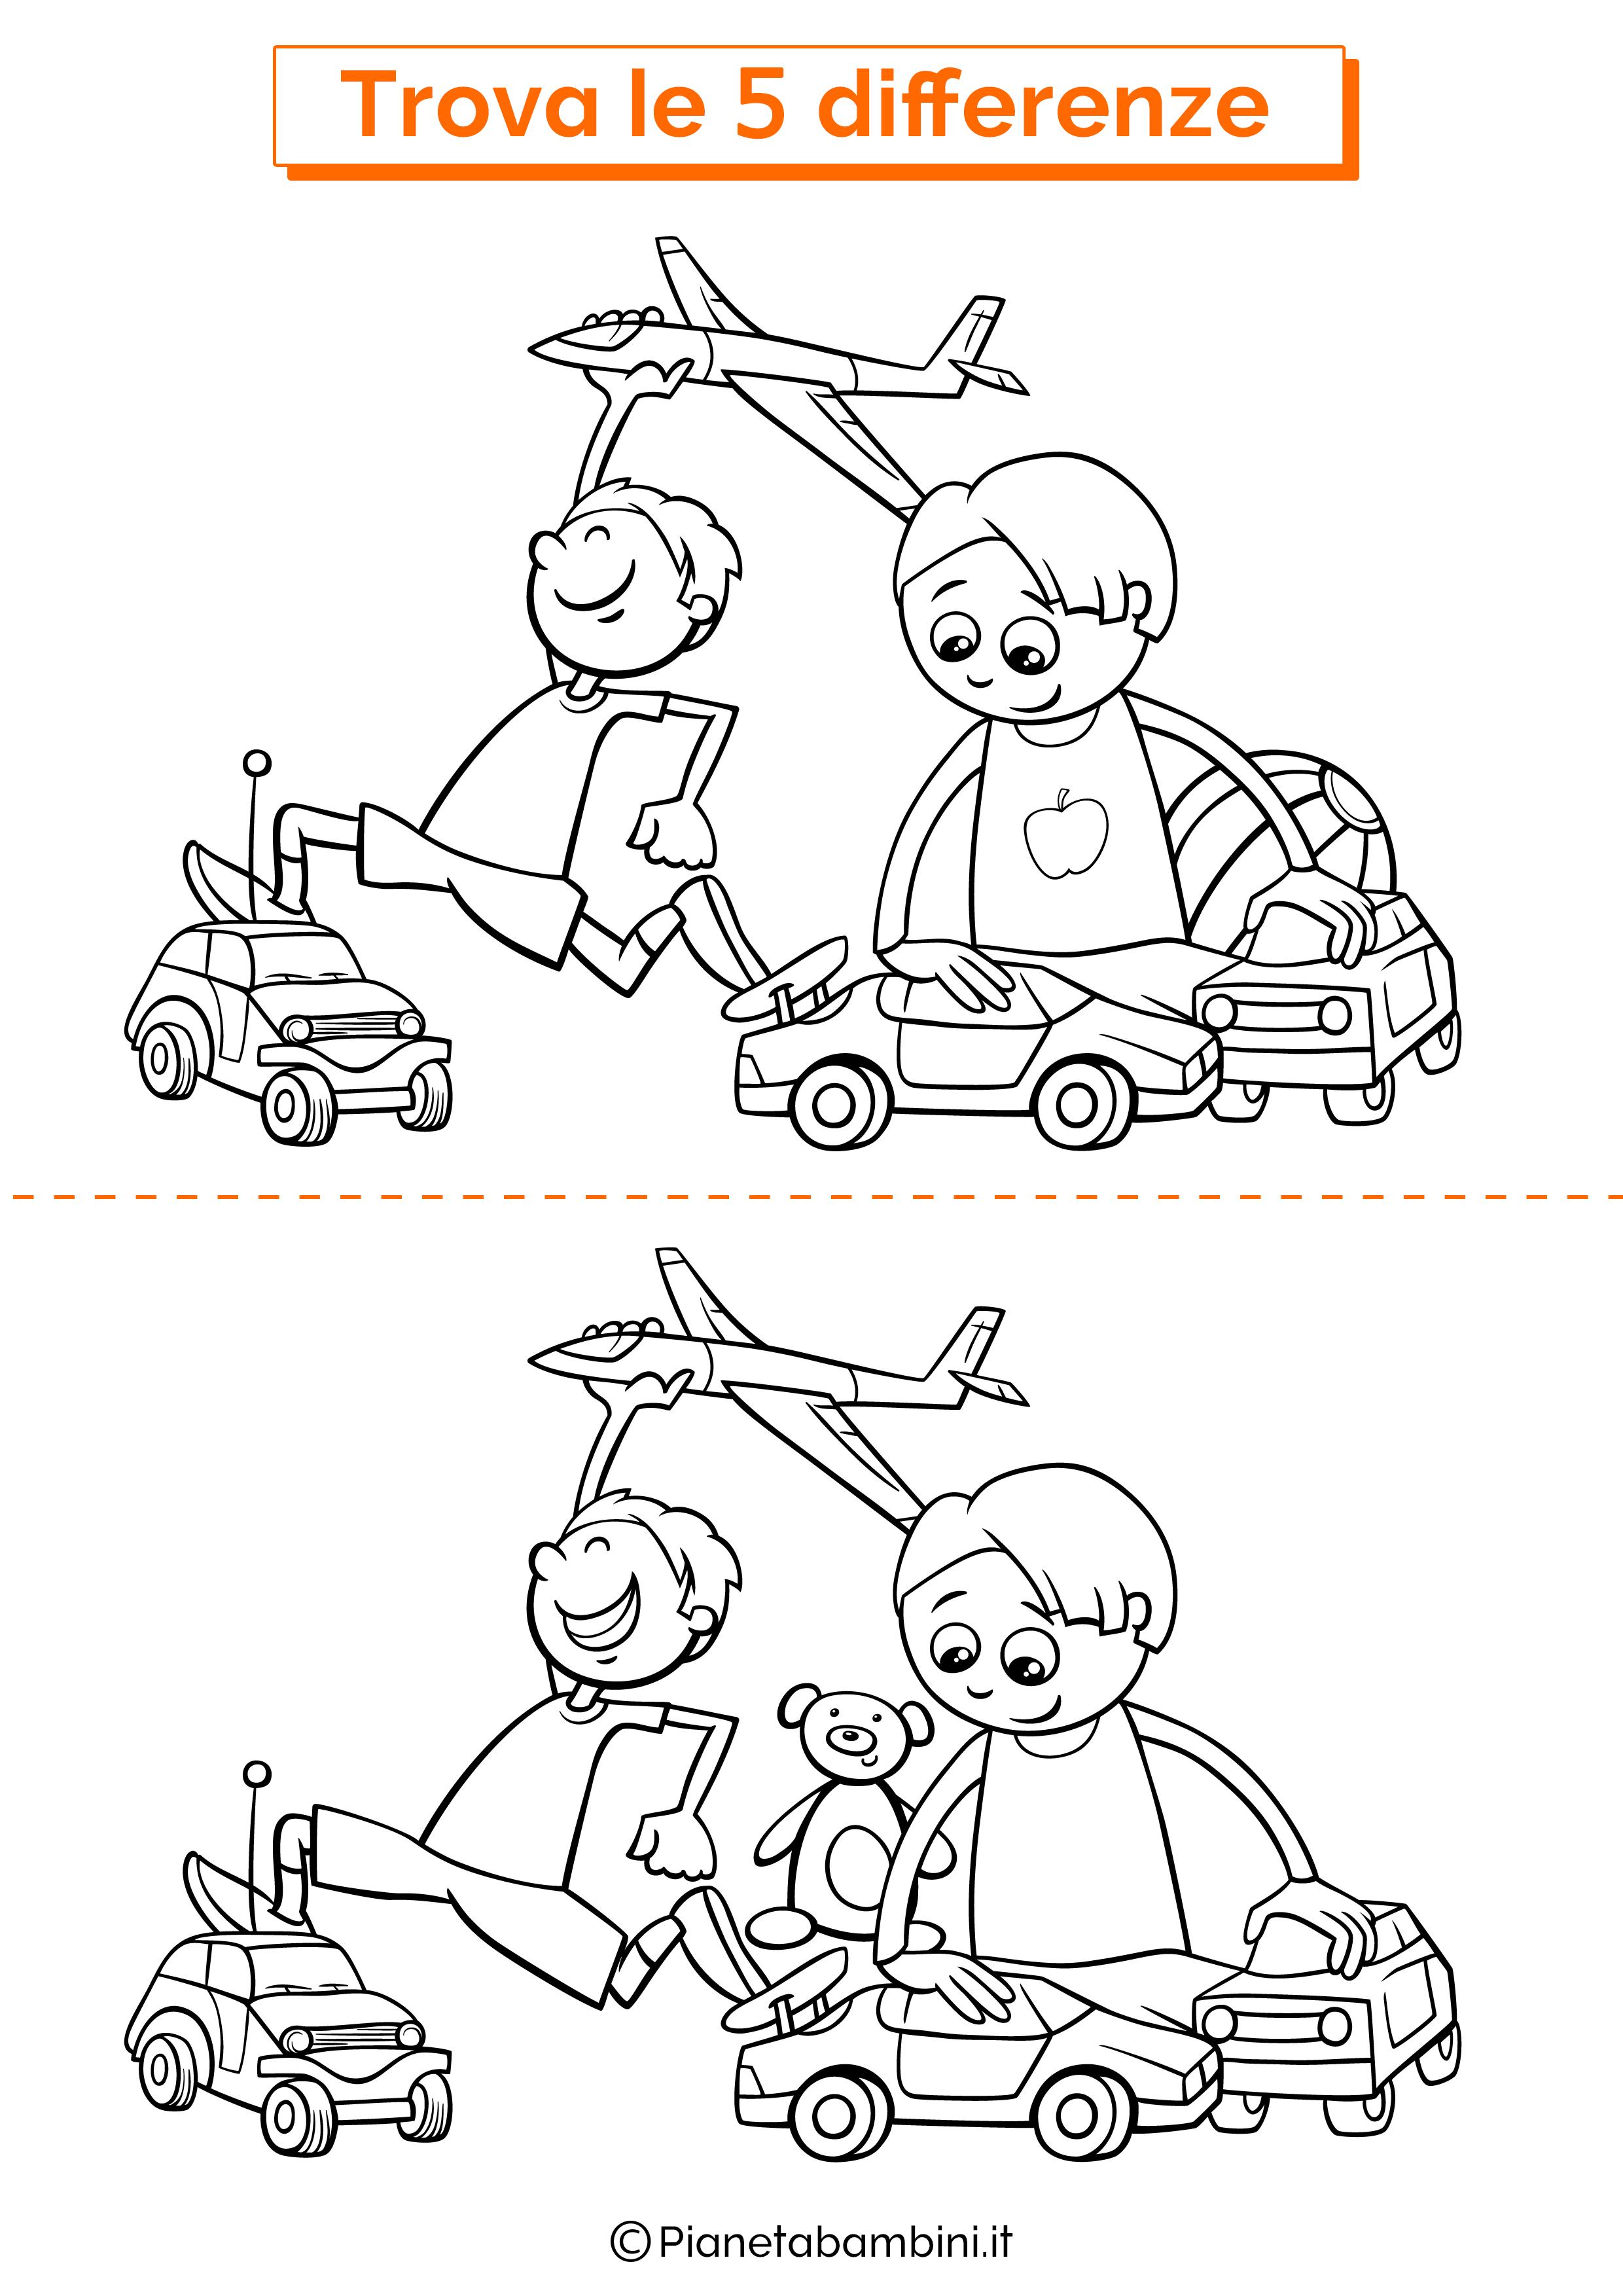 Disegno trova 5 differenze bambini che giocano